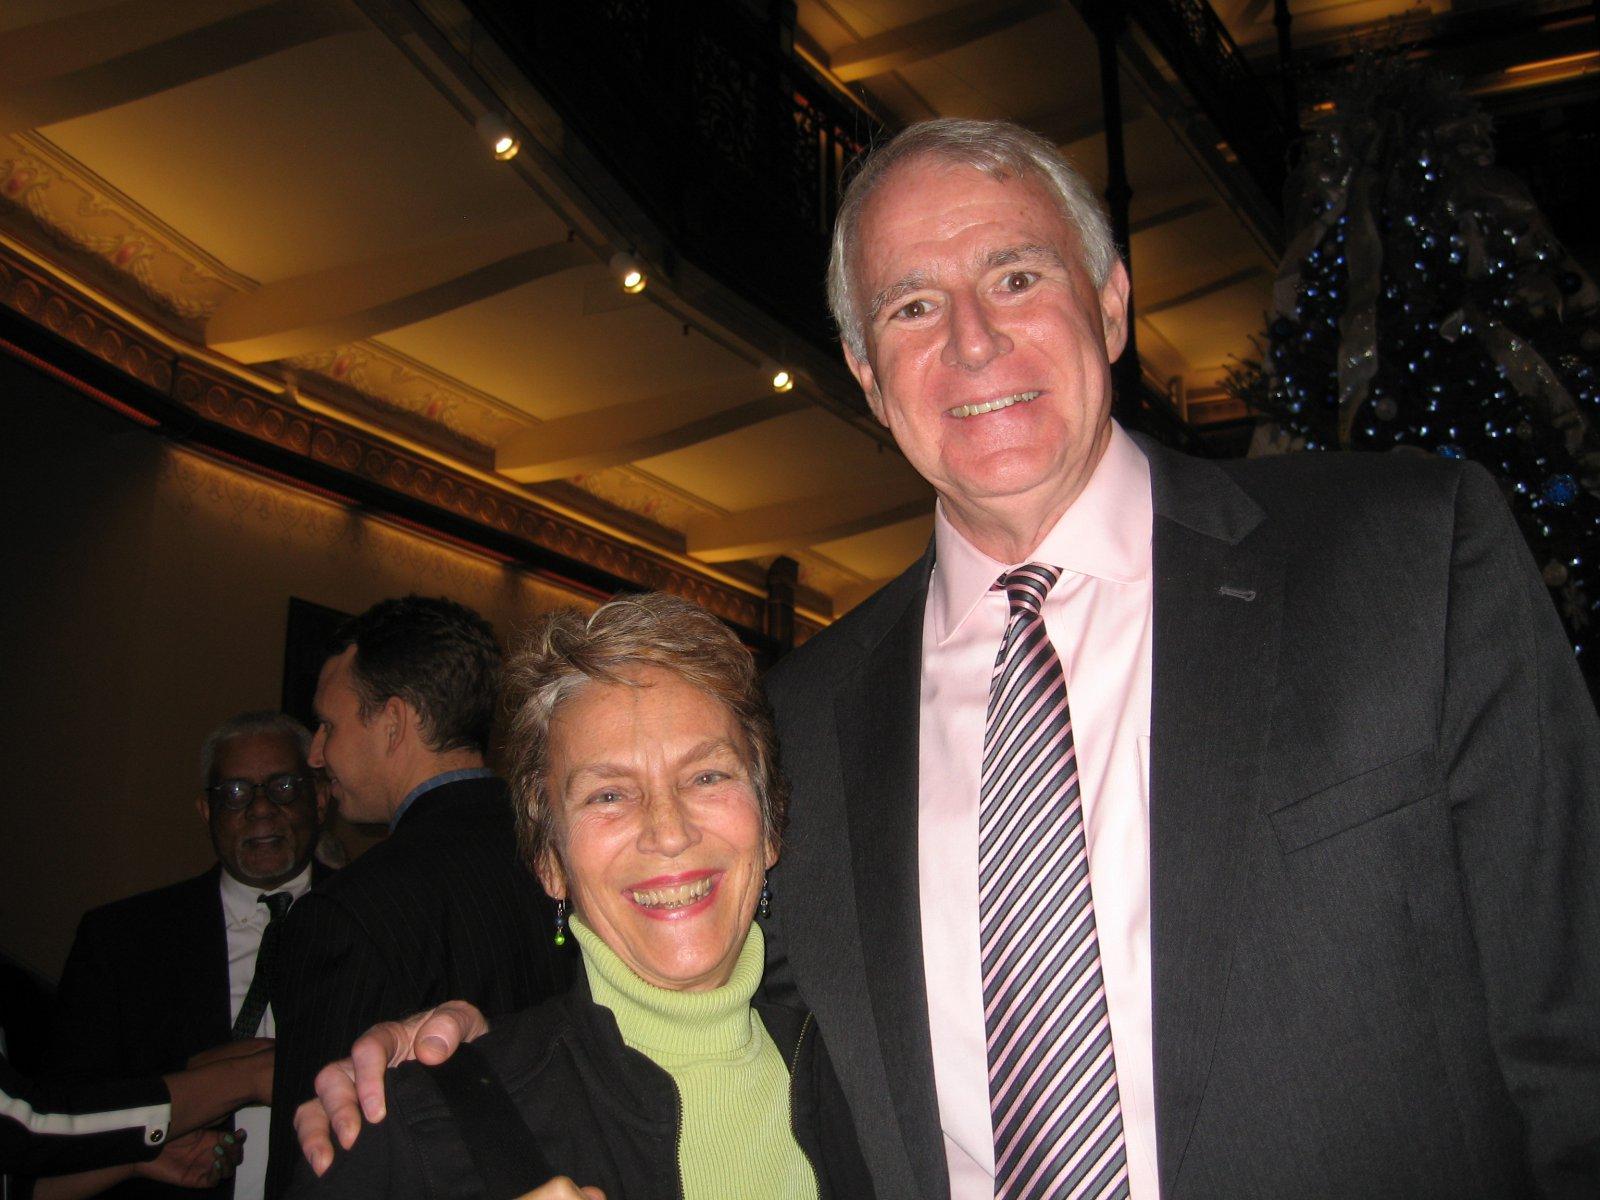 Julilly Kohler and Mayor Tom Barrett